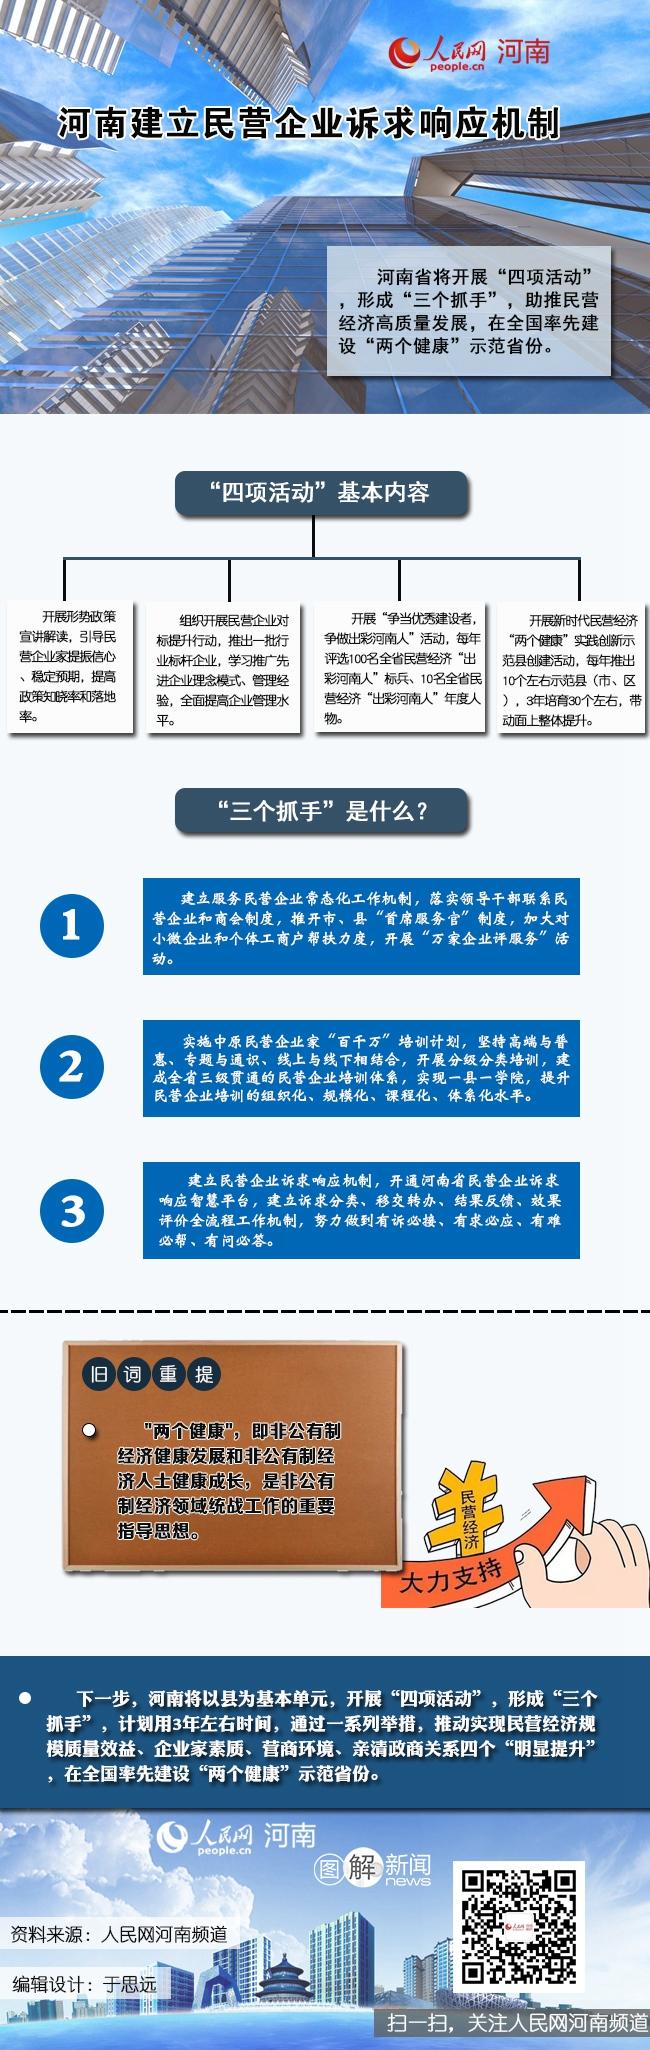 河南建立民营企业诉求响应机制